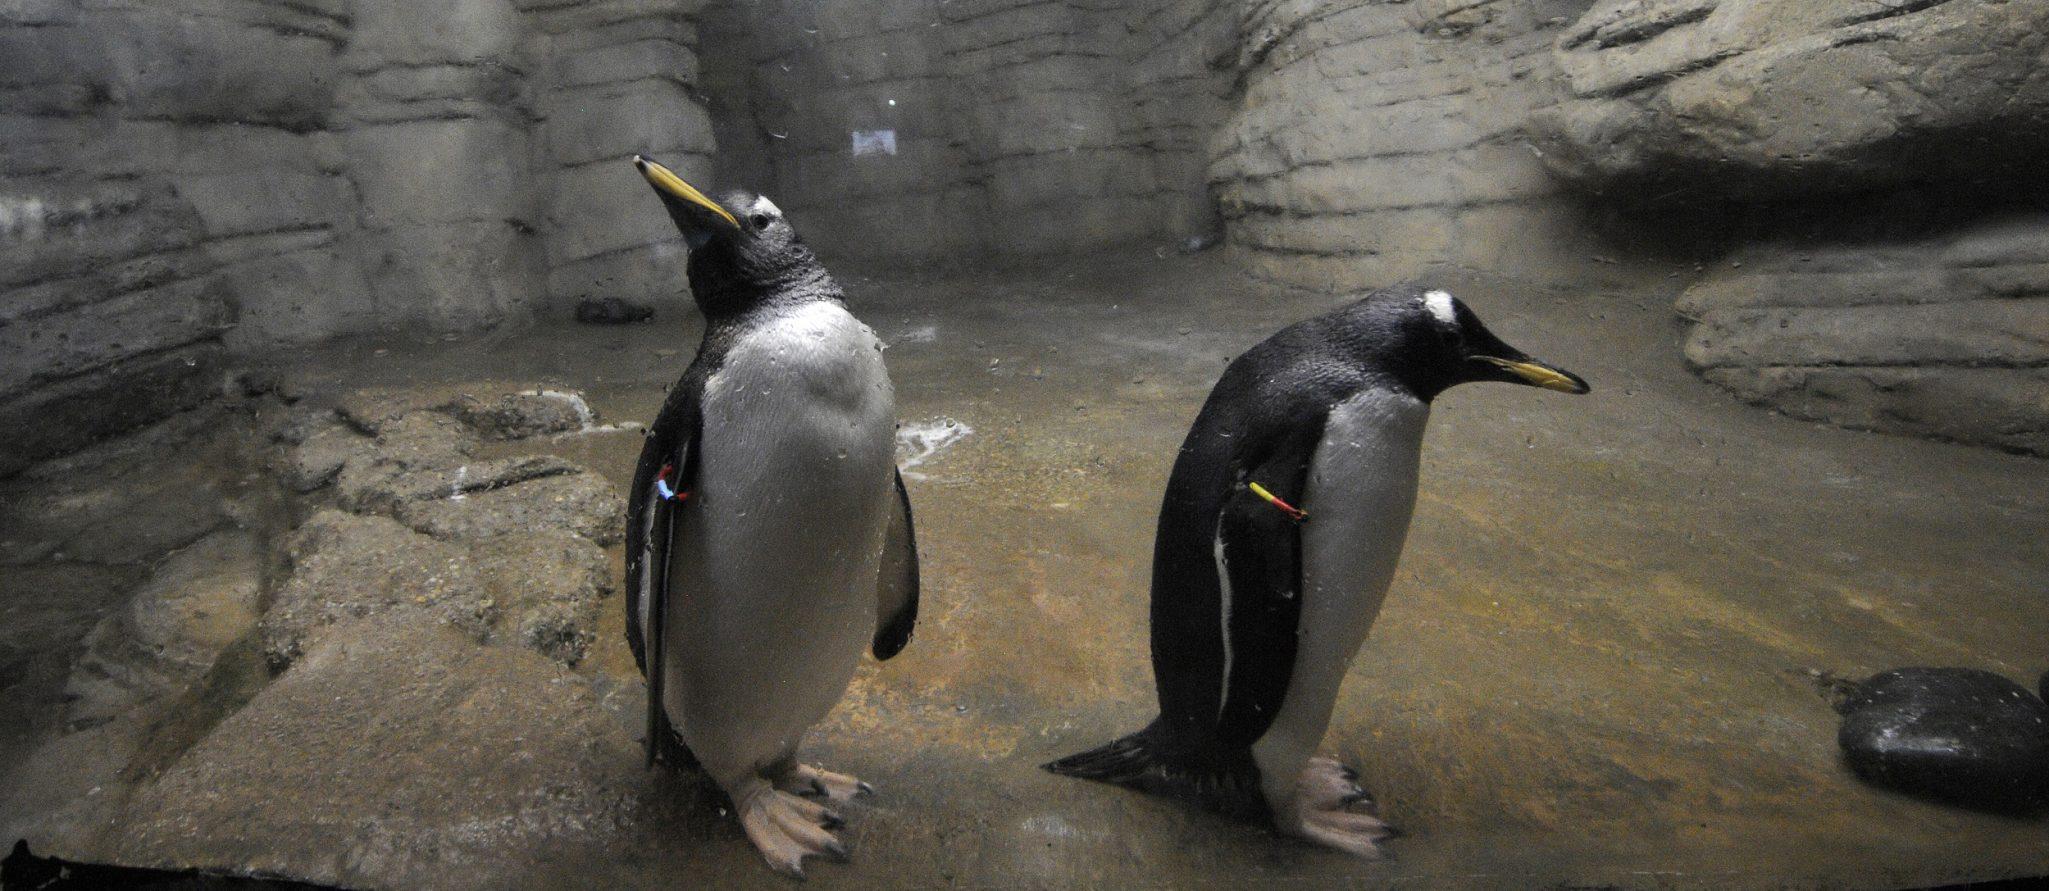 pinguins verkennen nieuw verblijf